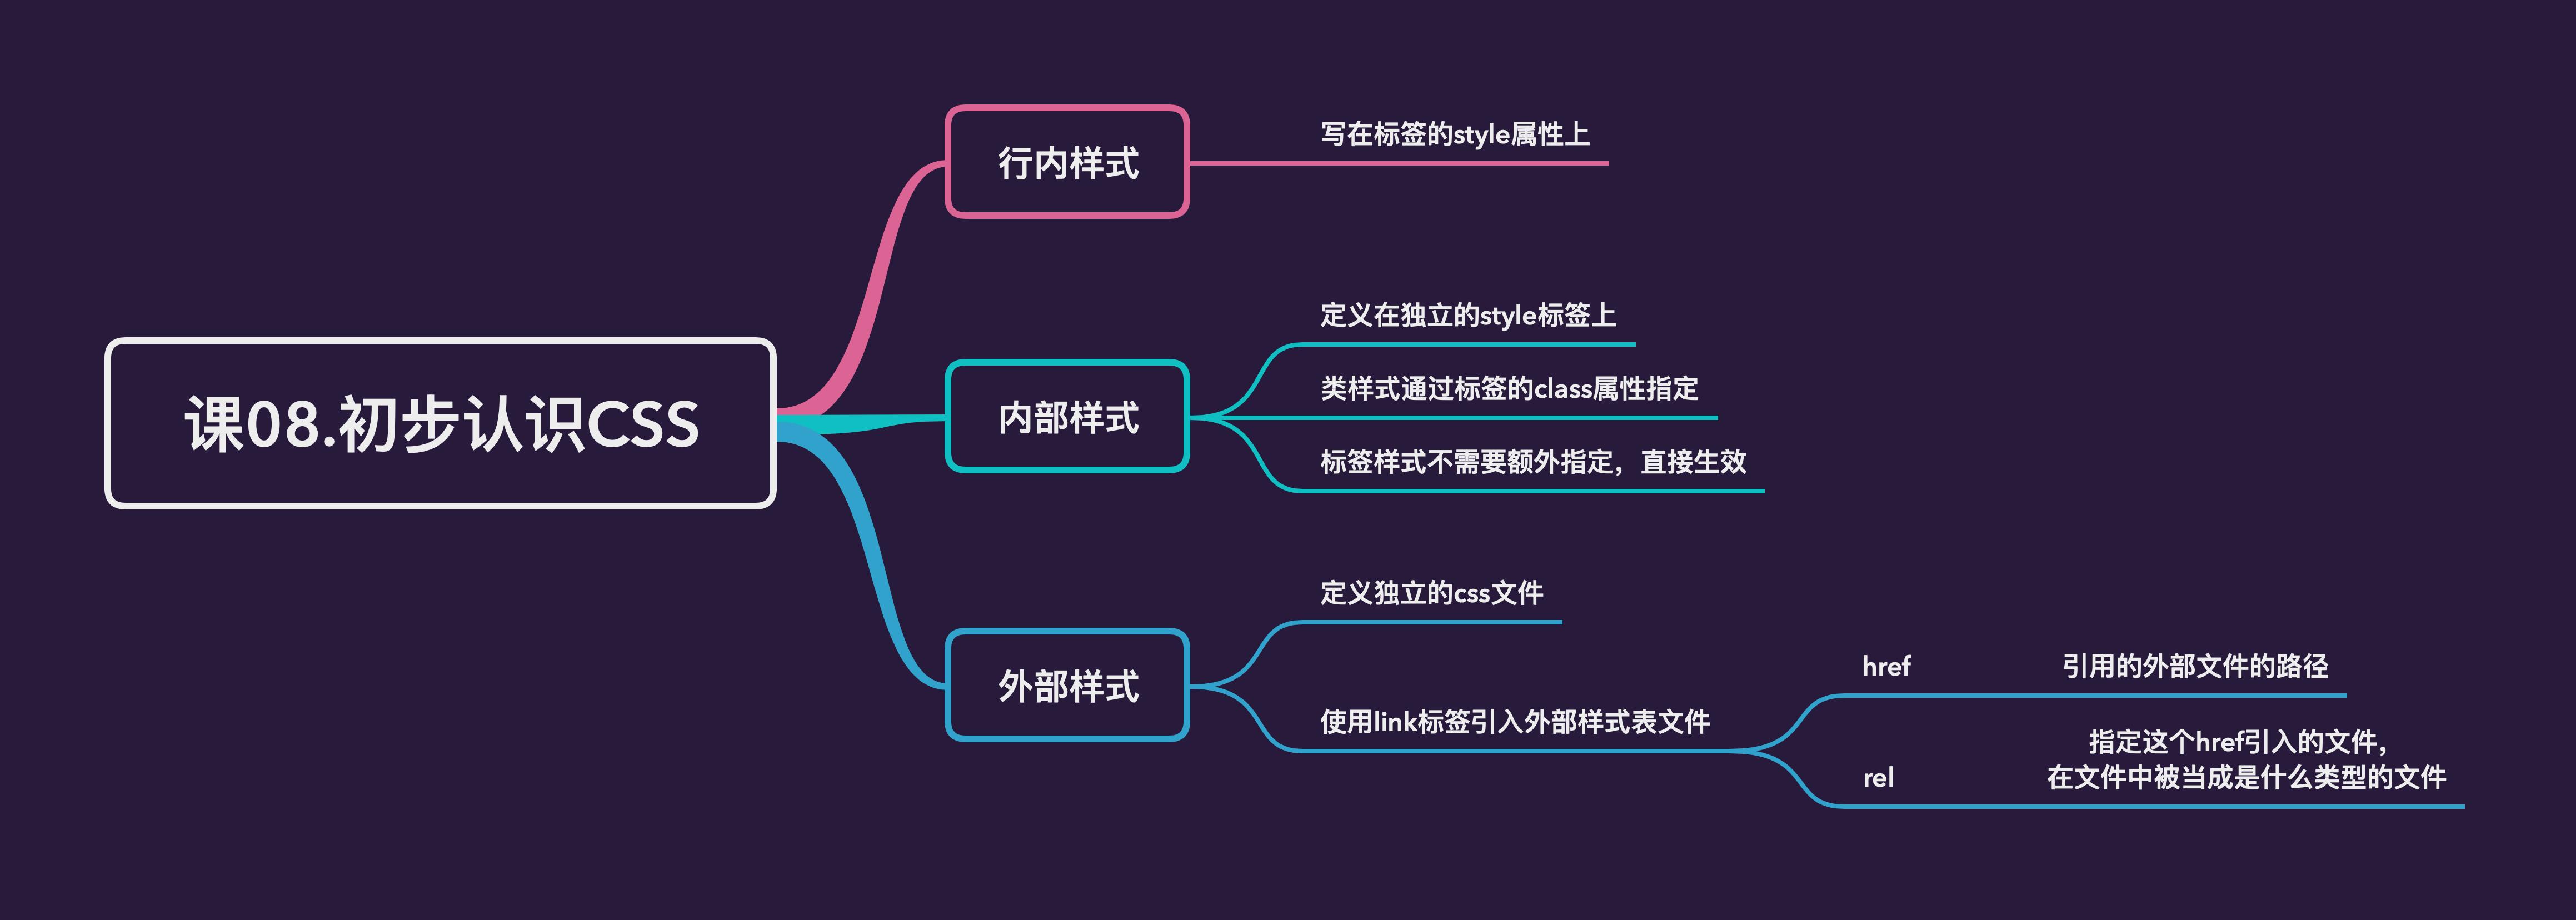 课08.初步认识CSS——大纲